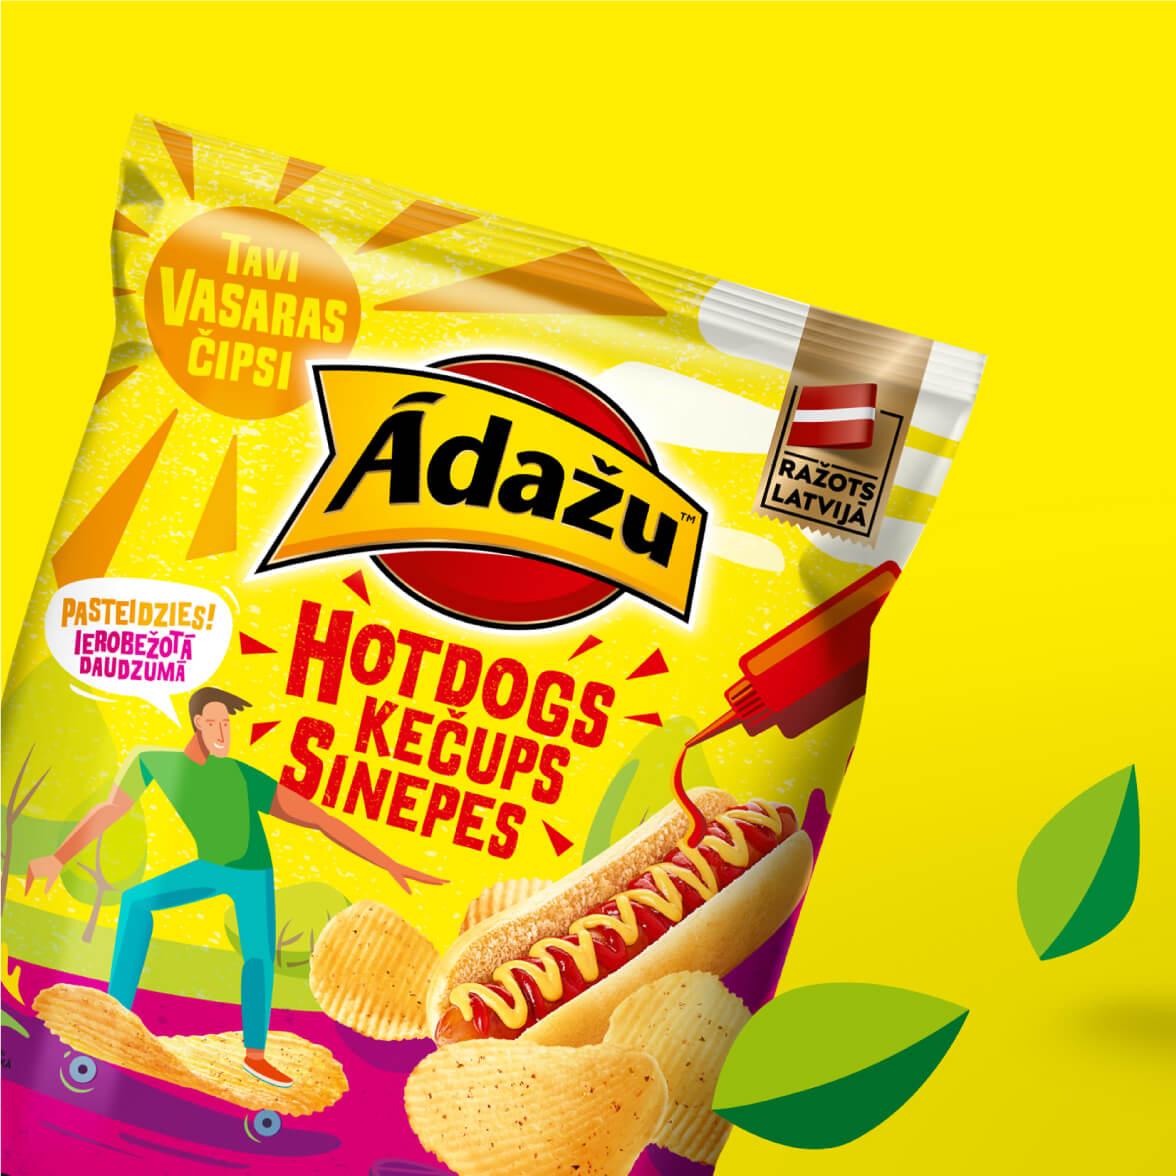 Ādažu Summer chips - packaging design